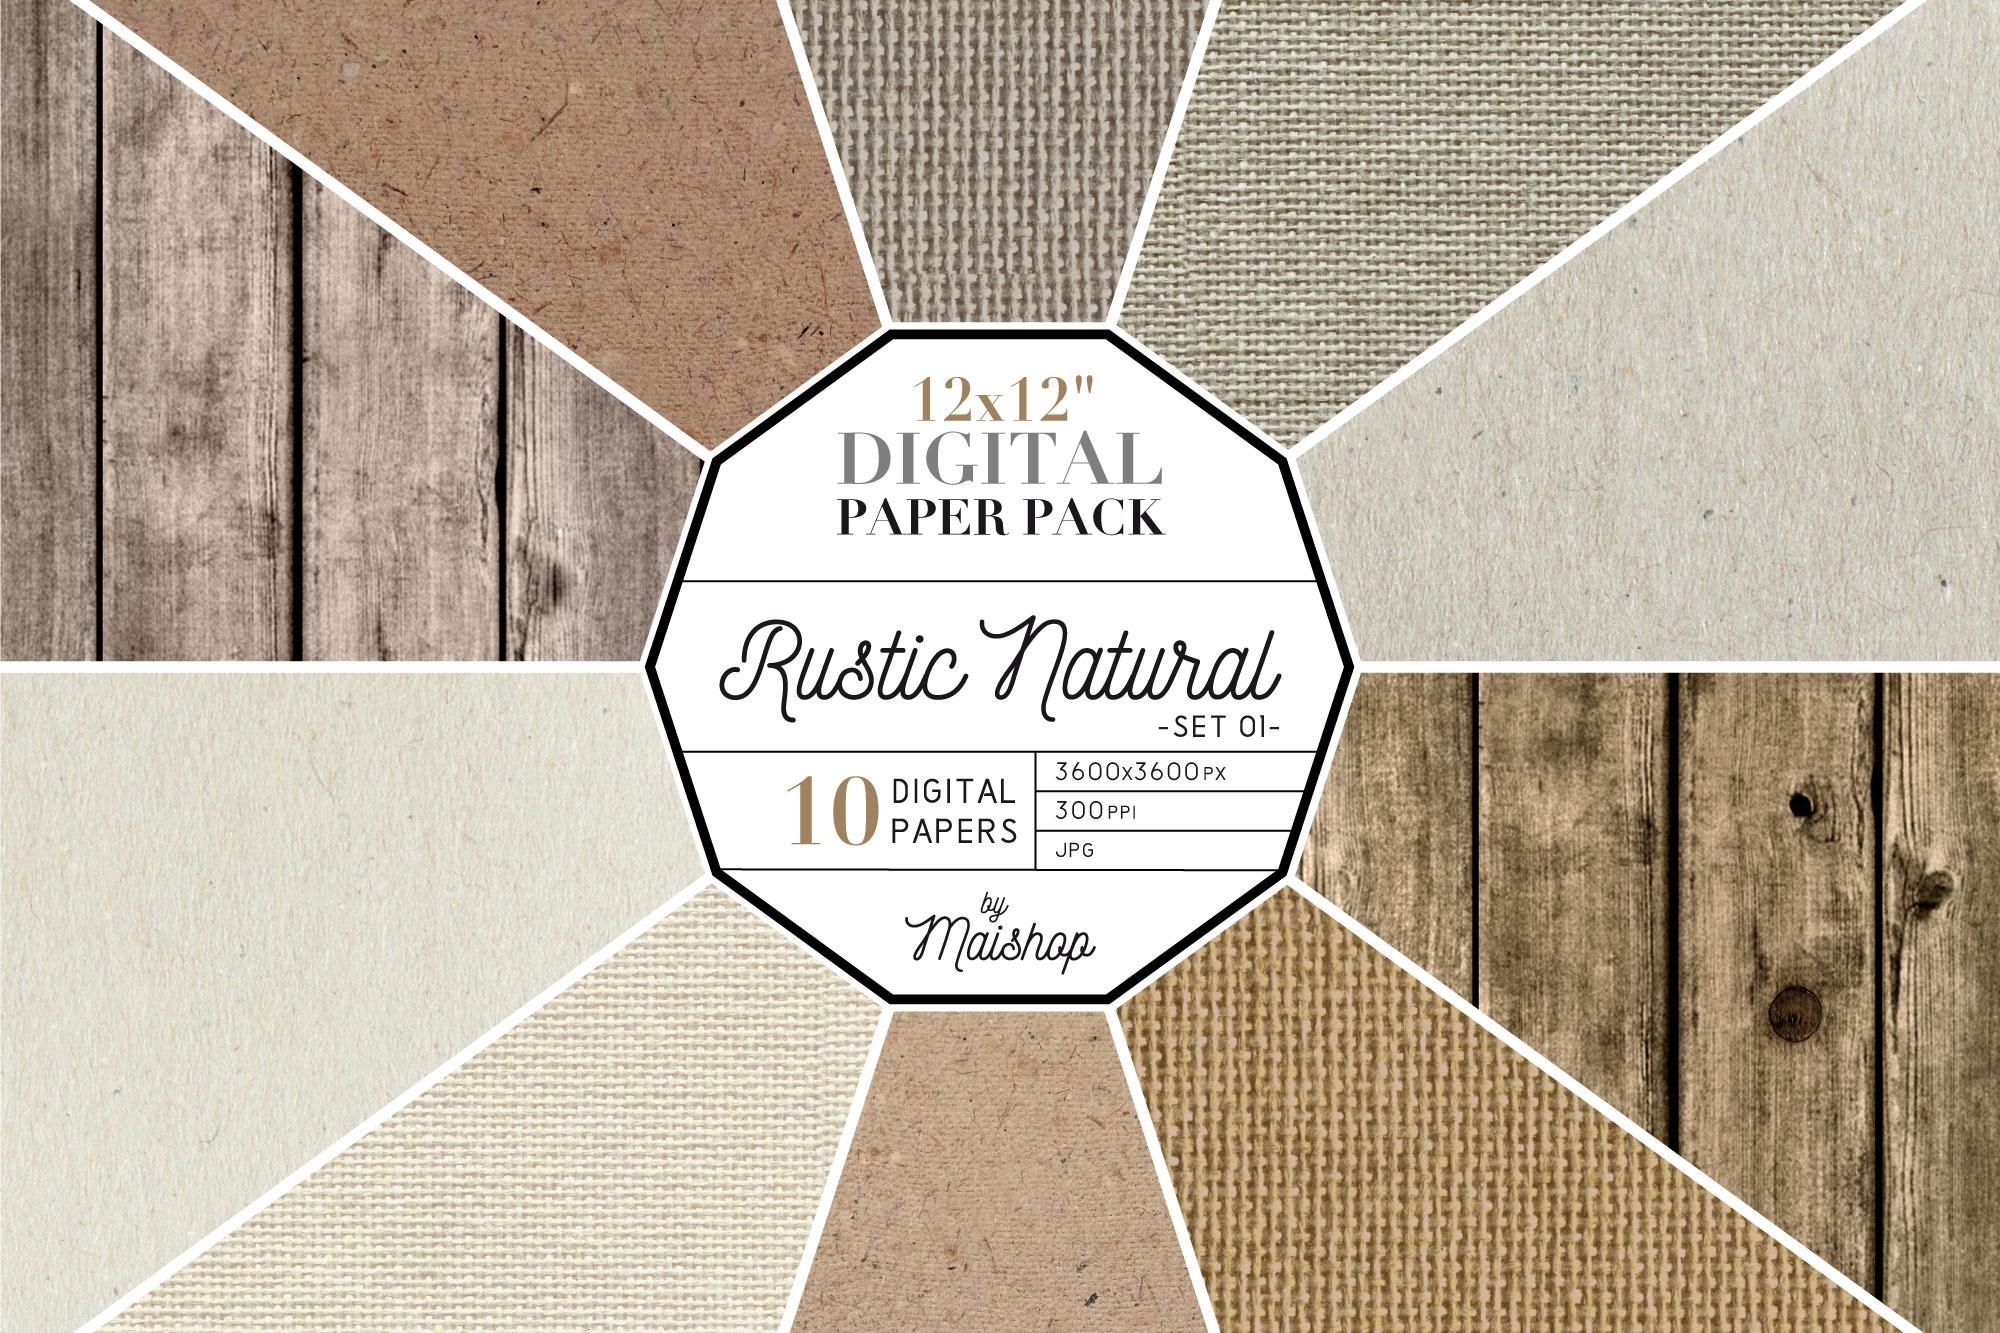 """Digital Paper Pack """"Rustic Natural"""" Set 01 example image 1"""